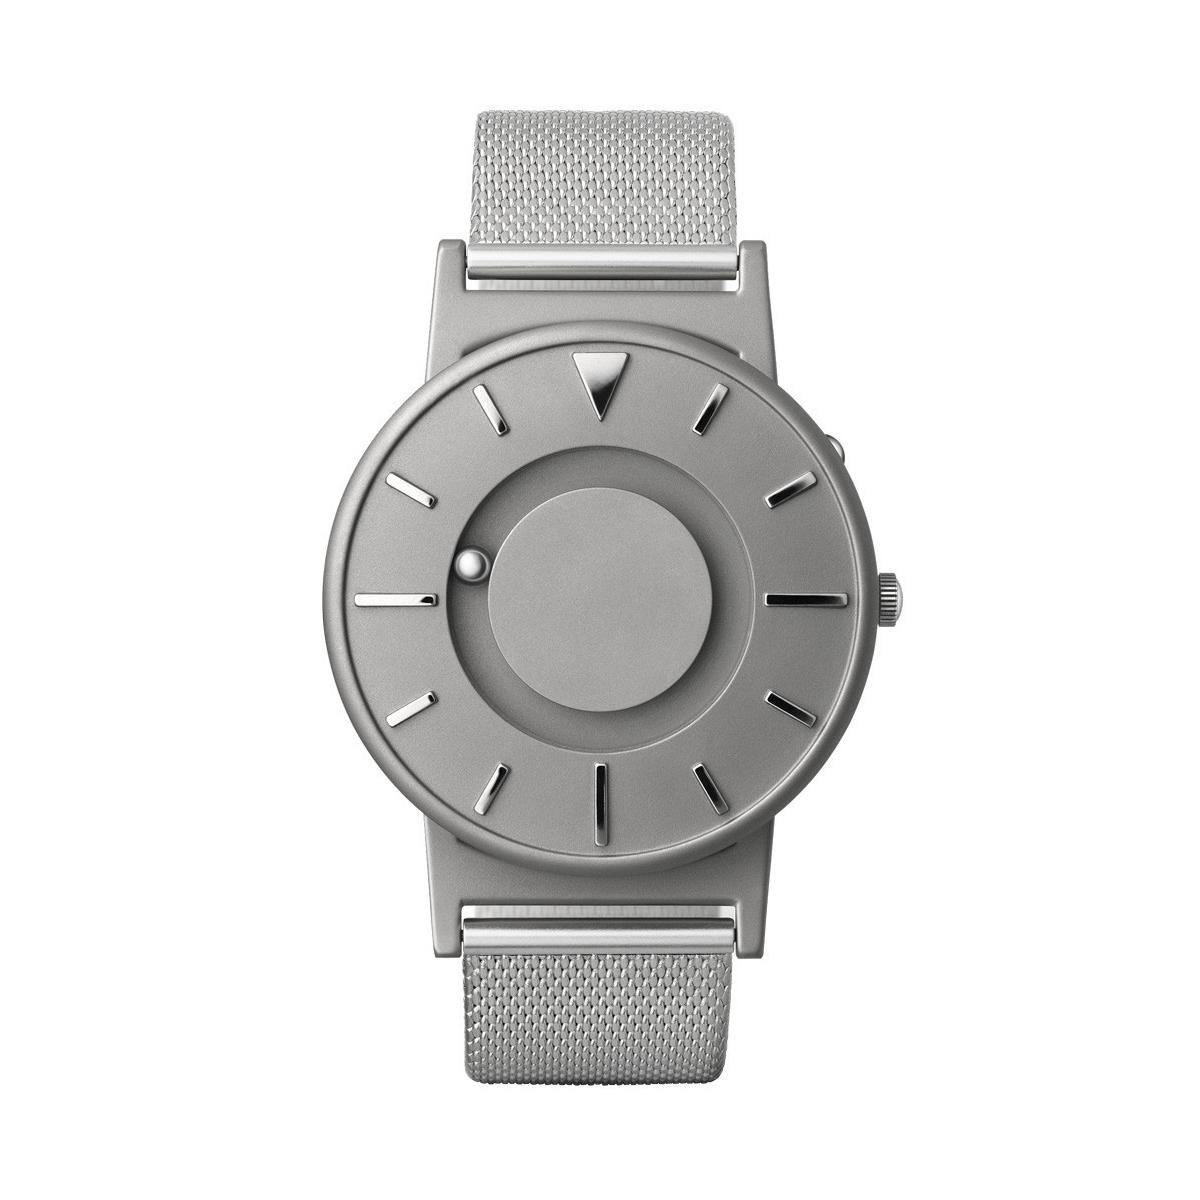 触る時計『EONE』|《MESH SILVER》なめらかな装着感のメッシュバンド、触って時間を知る時計 | EONE